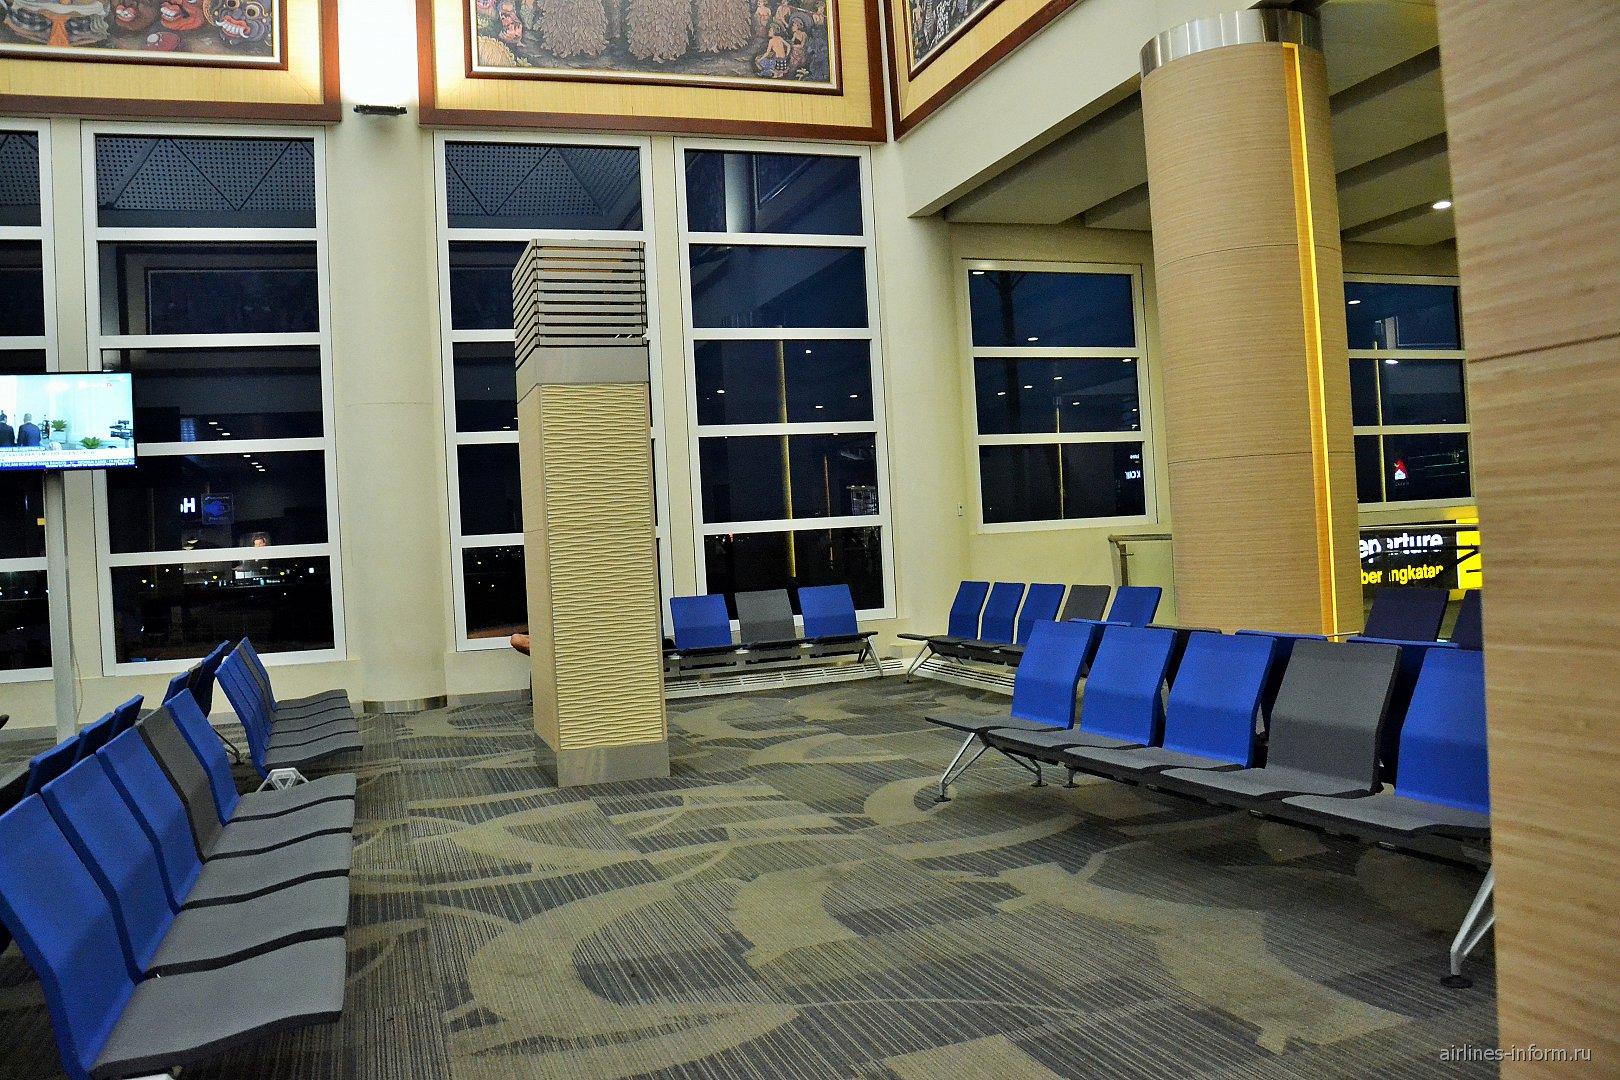 Зал ожидания вылета рейса в аэропорту Денпасар Нгура Рай